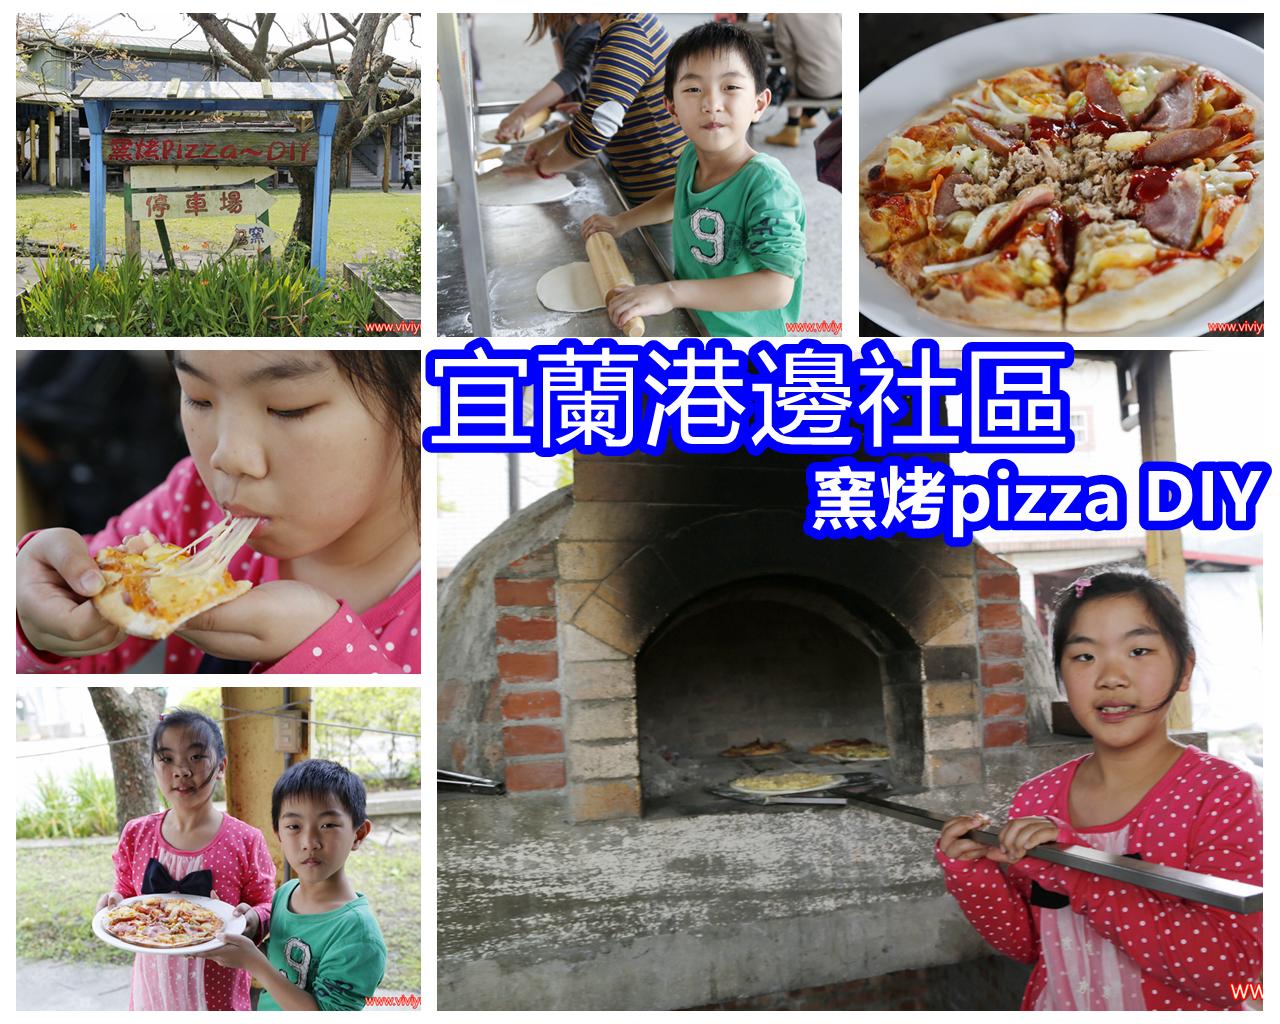 延伸閱讀:[宜蘭.旅遊]港邊社區窯烤披薩~體驗窯烤Pizza DIY的製作♡親子DIY體驗♡自己動手做最有成就感